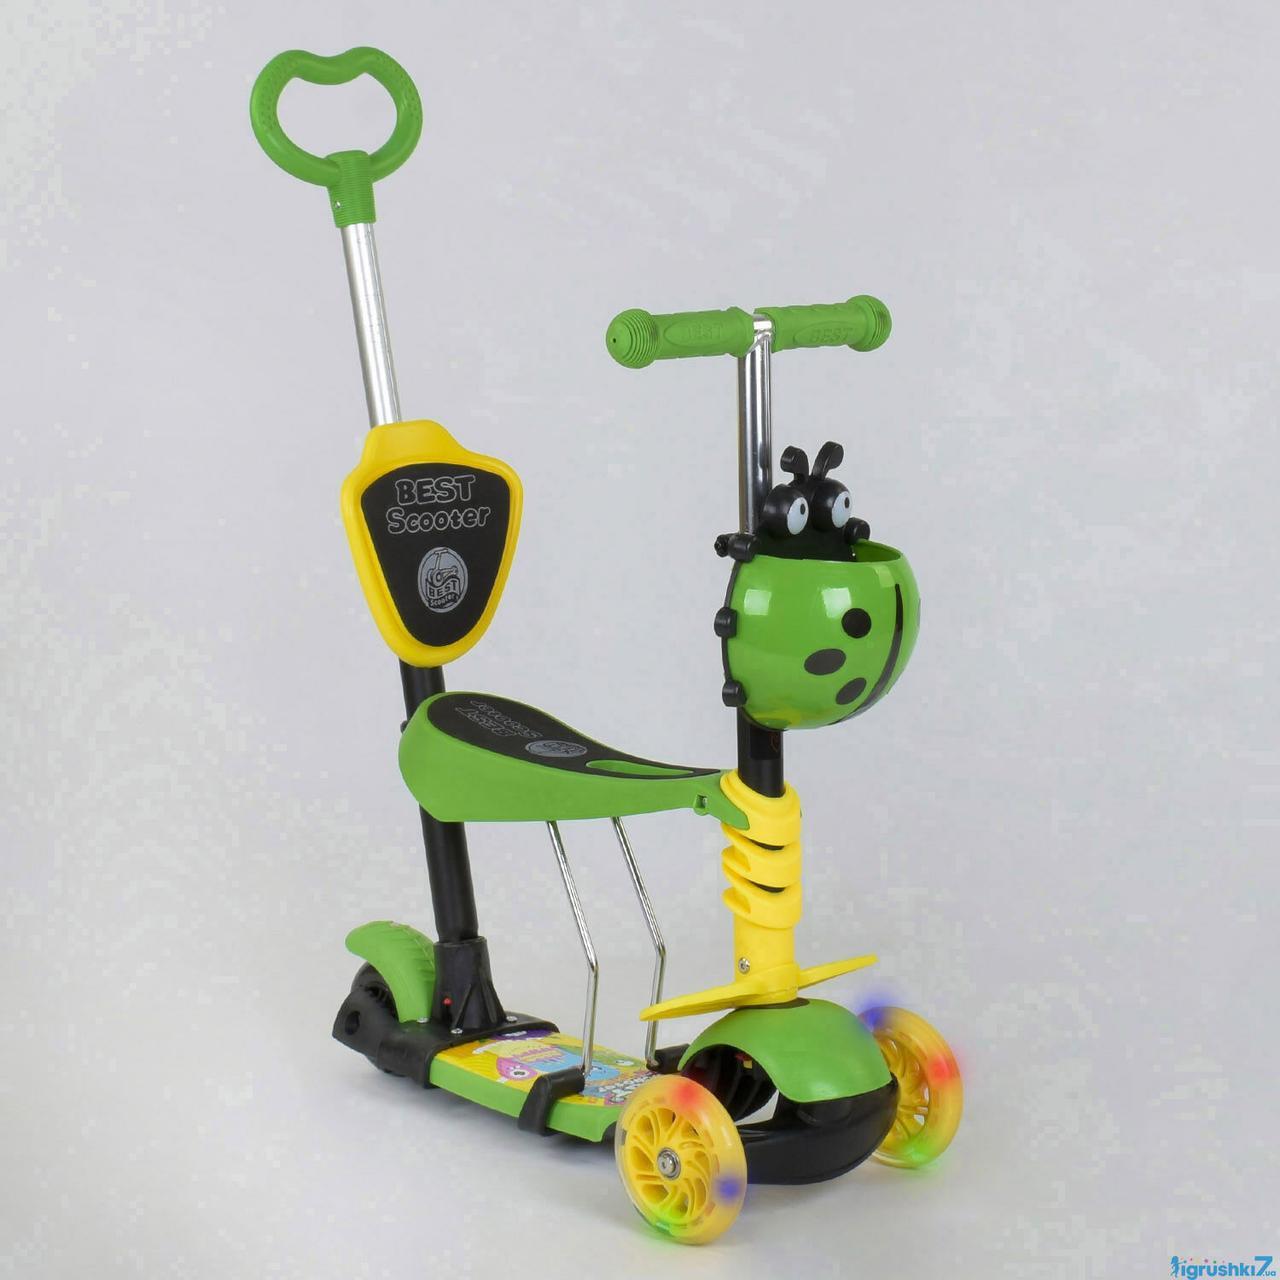 Трехколесный самокат 5в1 28465 Best Scooter зелено-желтый